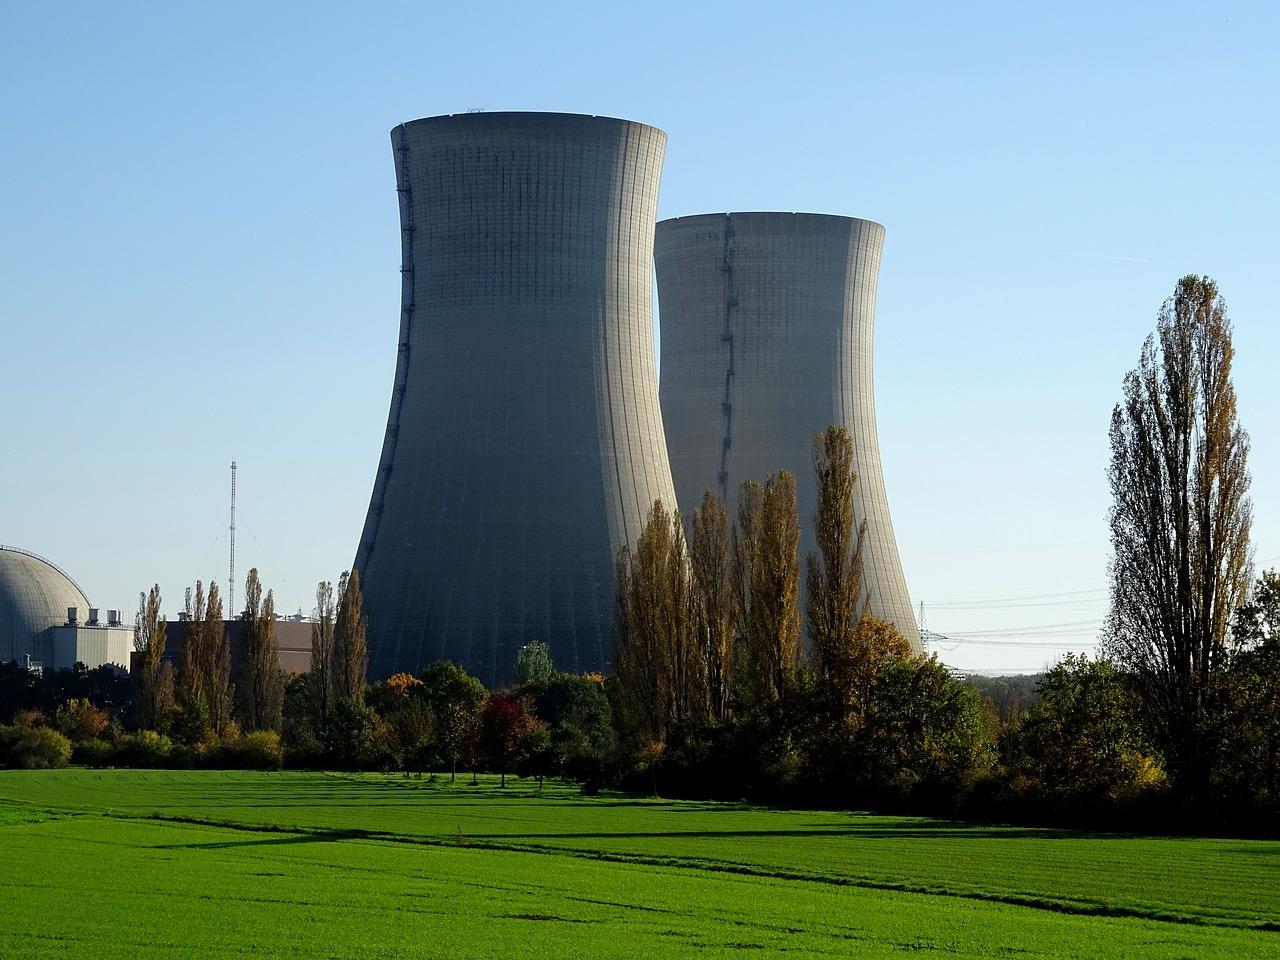 Nucléaire : Nicolas Hulot renonce à l'échéance de 2025 pour l'objectif des 50%